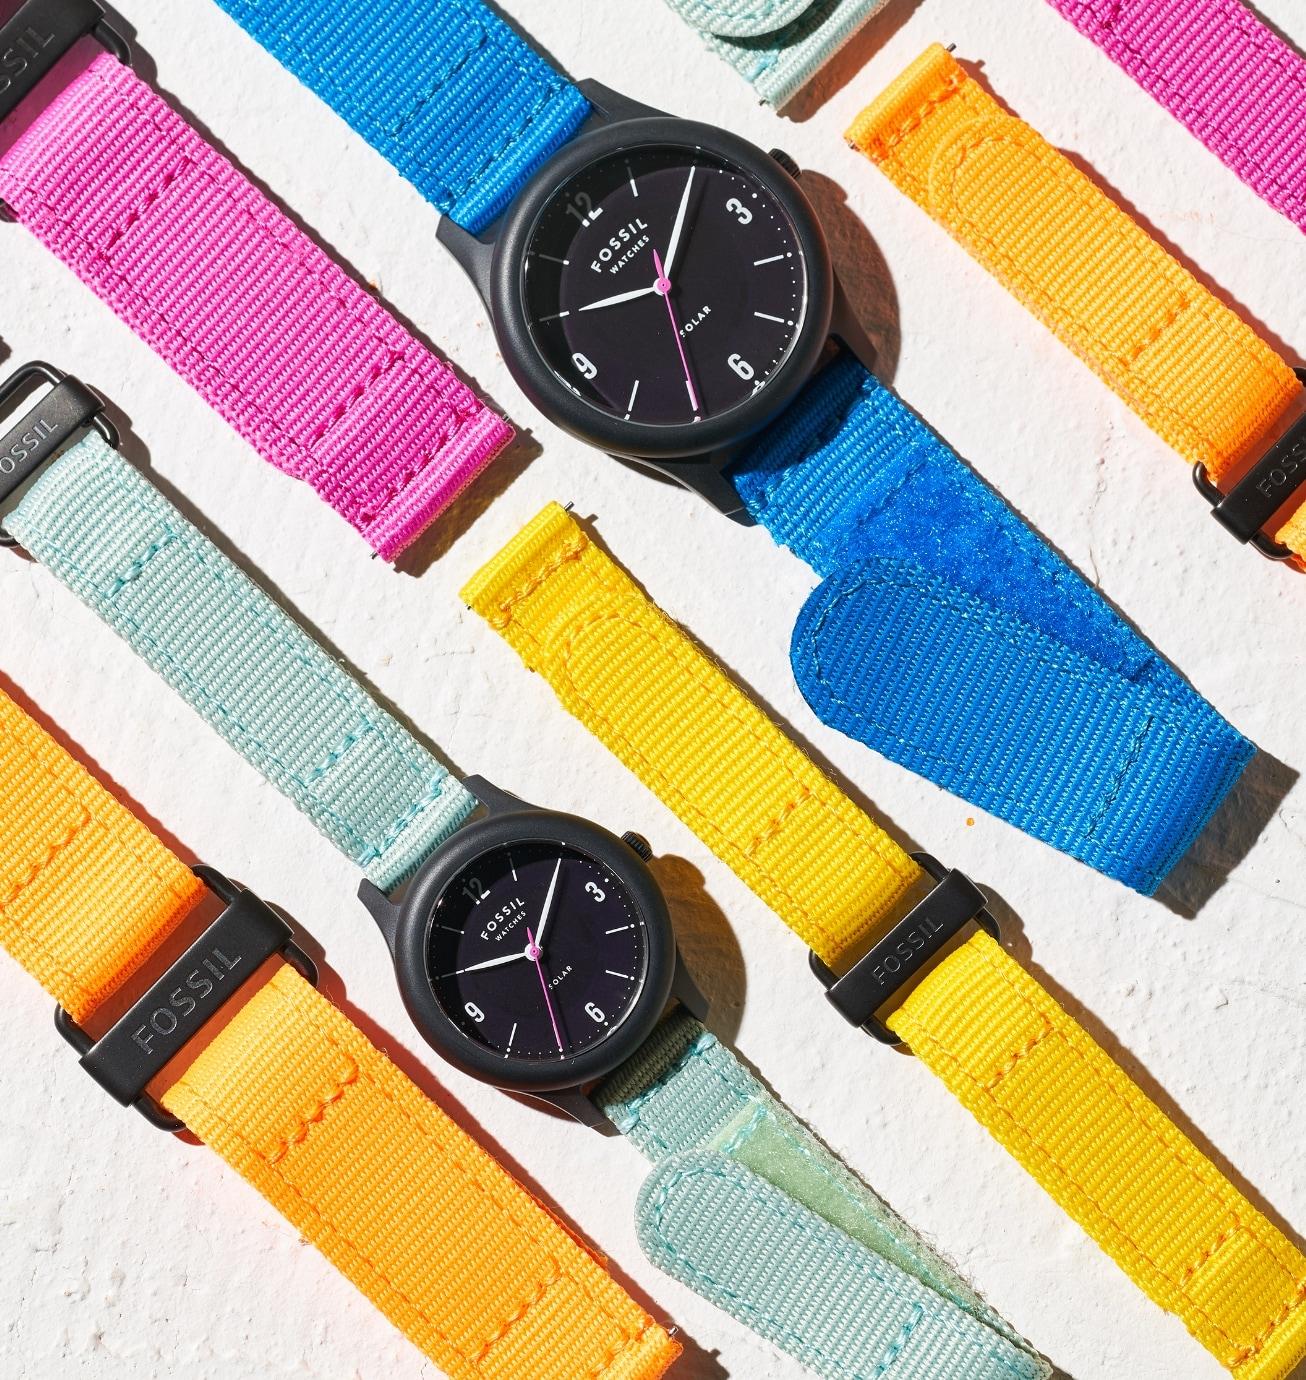 Montres solaires en édition limitée à côté de bracelets interchangeables.